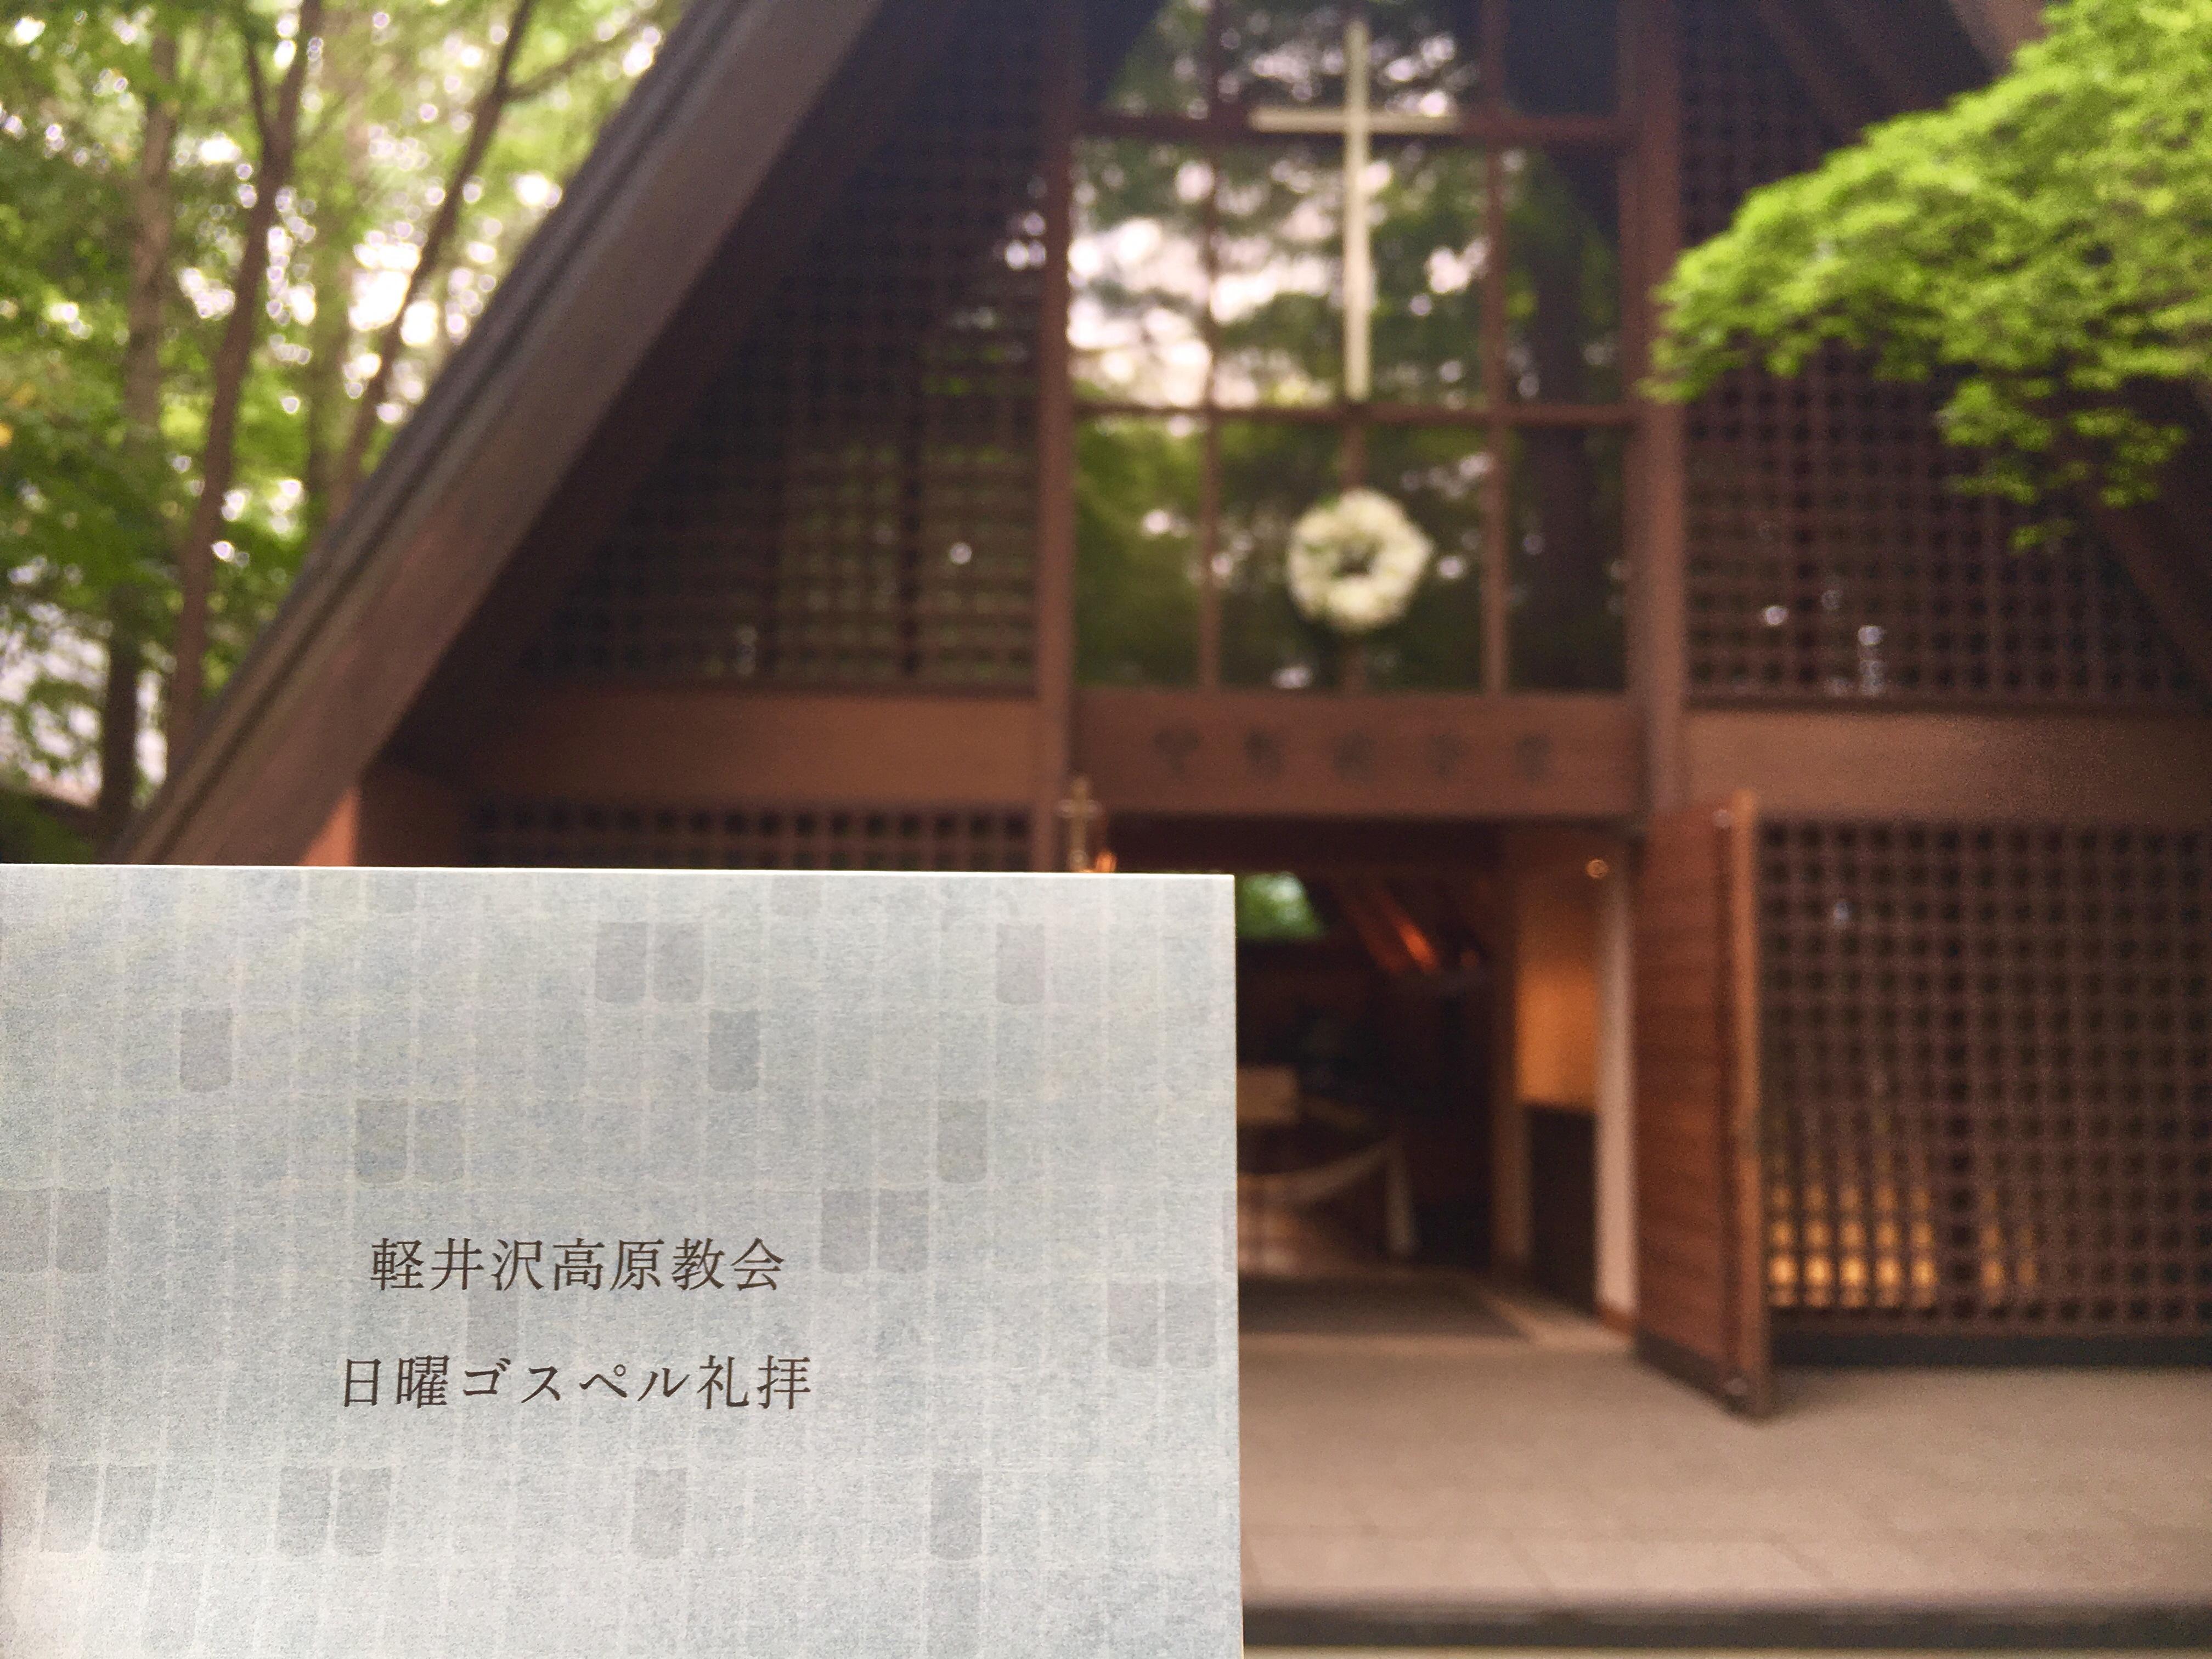 人気の避暑地軽井沢をチープに楽しもう☆